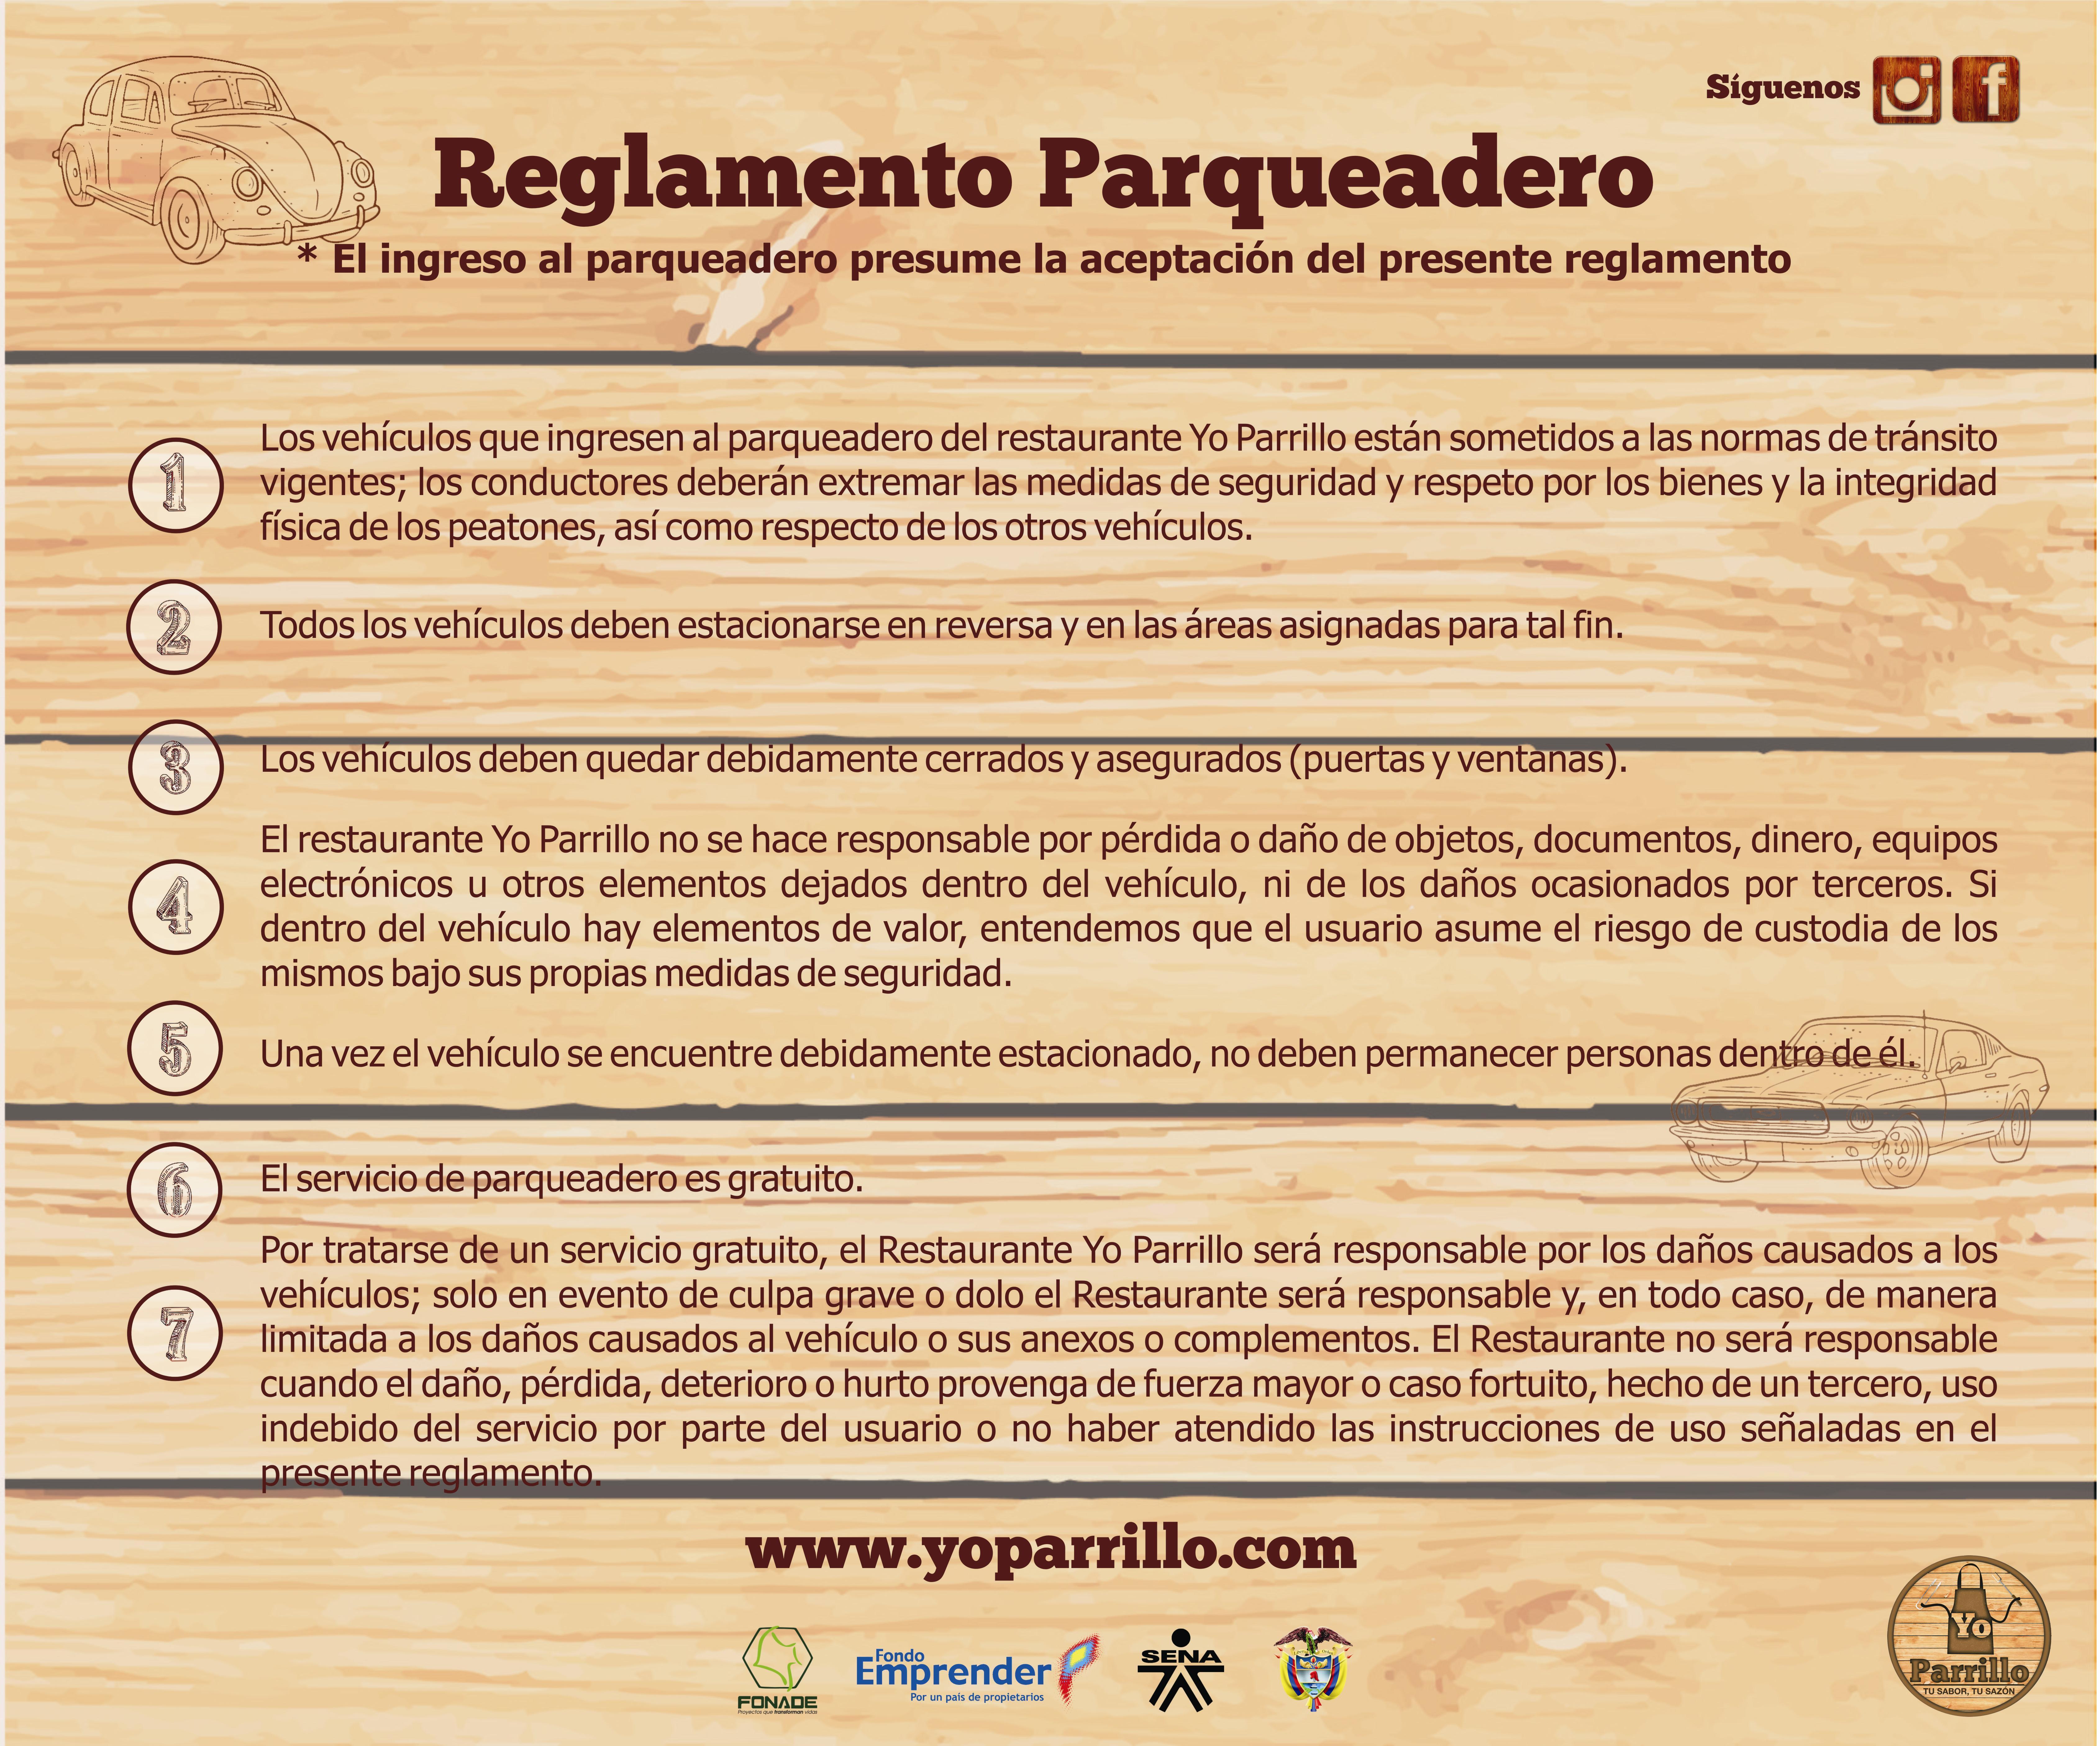 RegParquedero